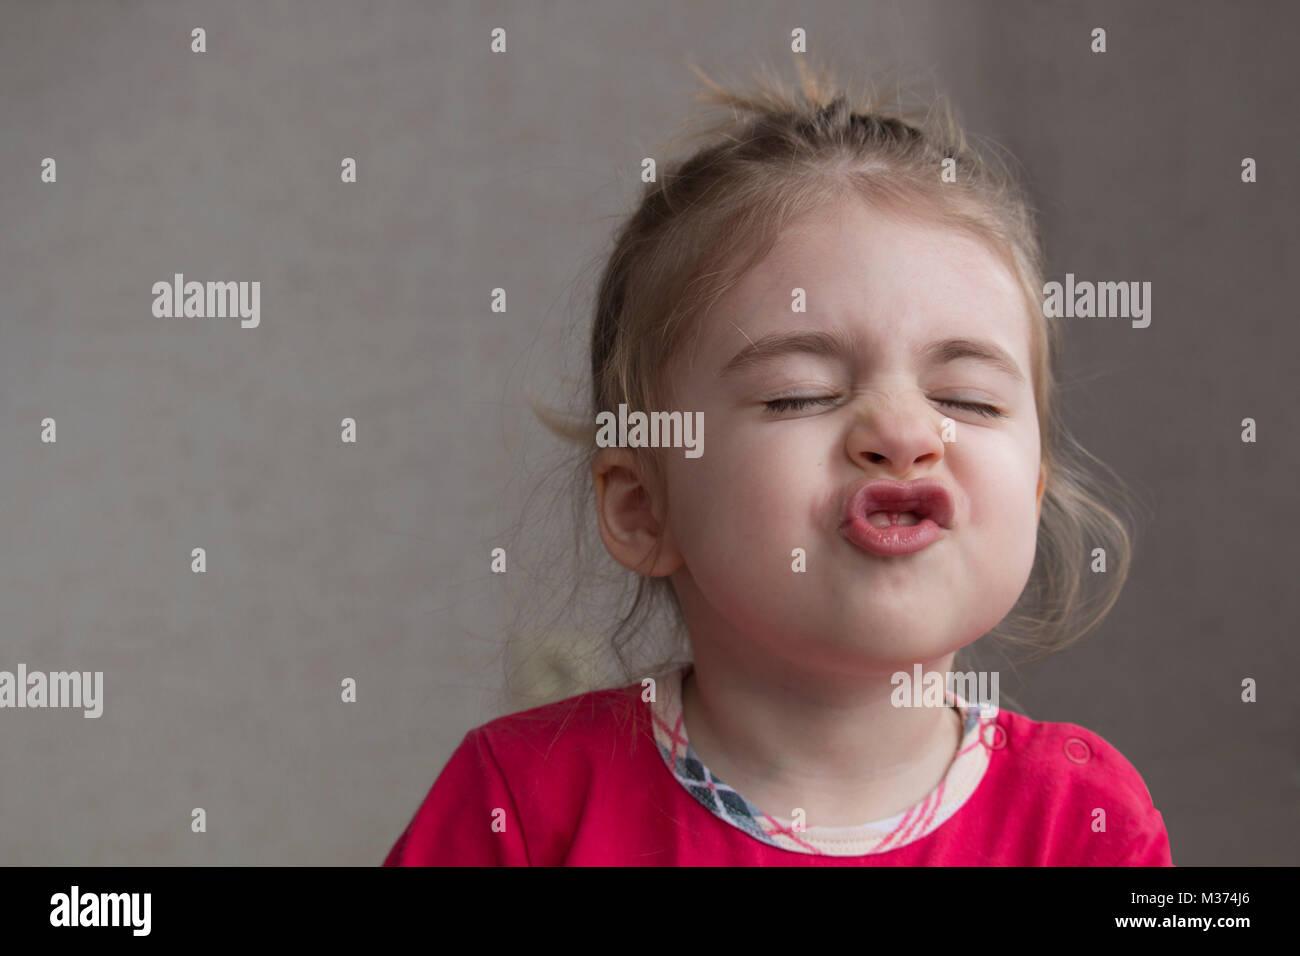 Clouse-up retrato de alegre niña gesticulando y haciendo mueca divertida en la cámara. Has sonrió Imagen De Stock